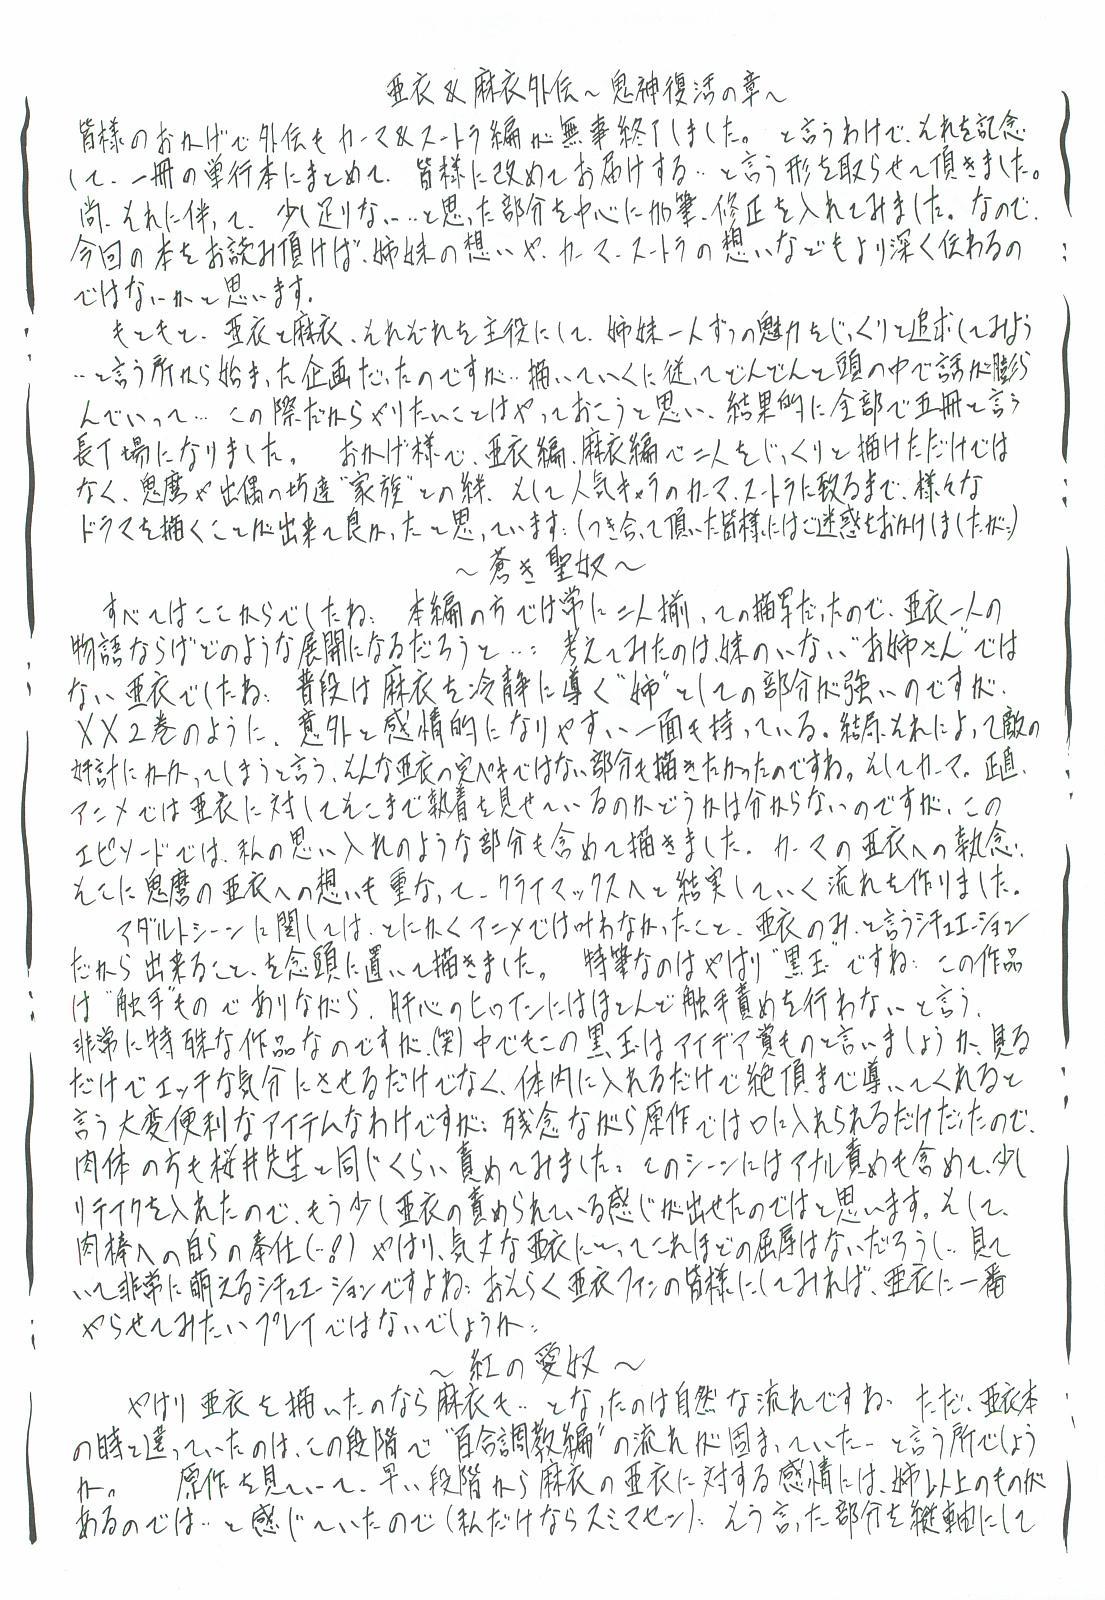 Ai & Mai Gaiden - Kishin Fukkatsu no Shou 154